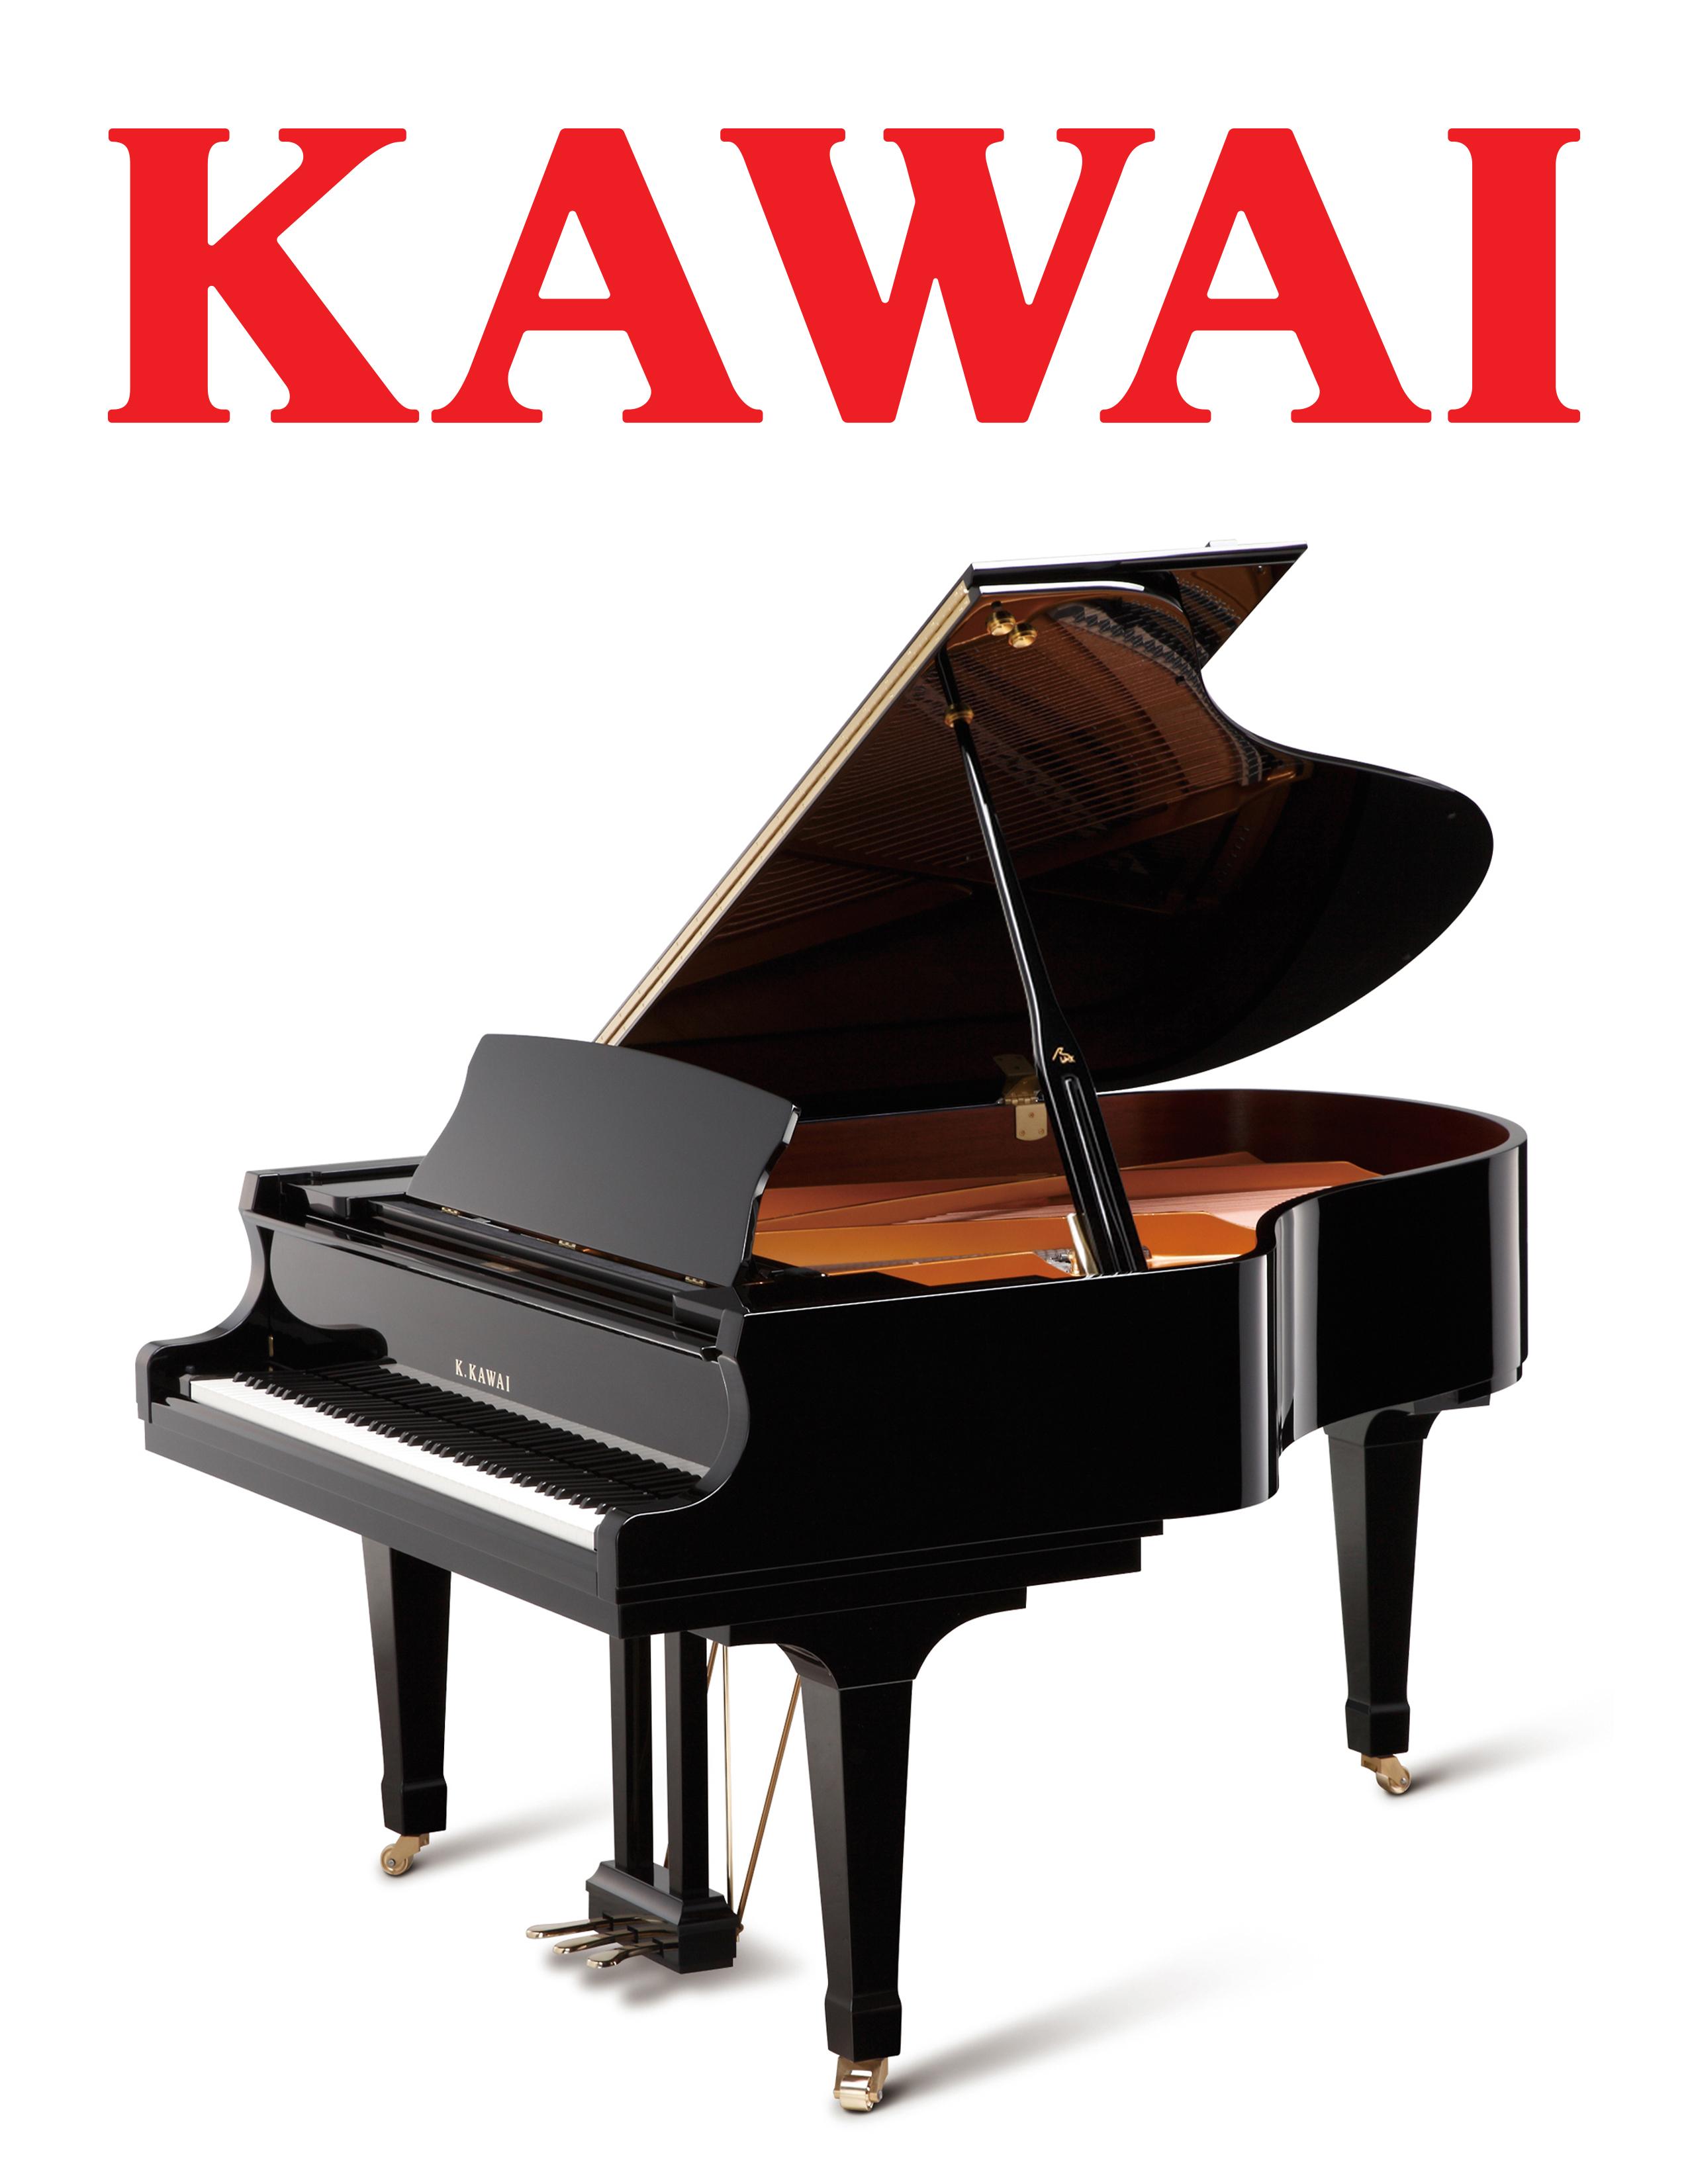 kawailogoandpiano3.jpg